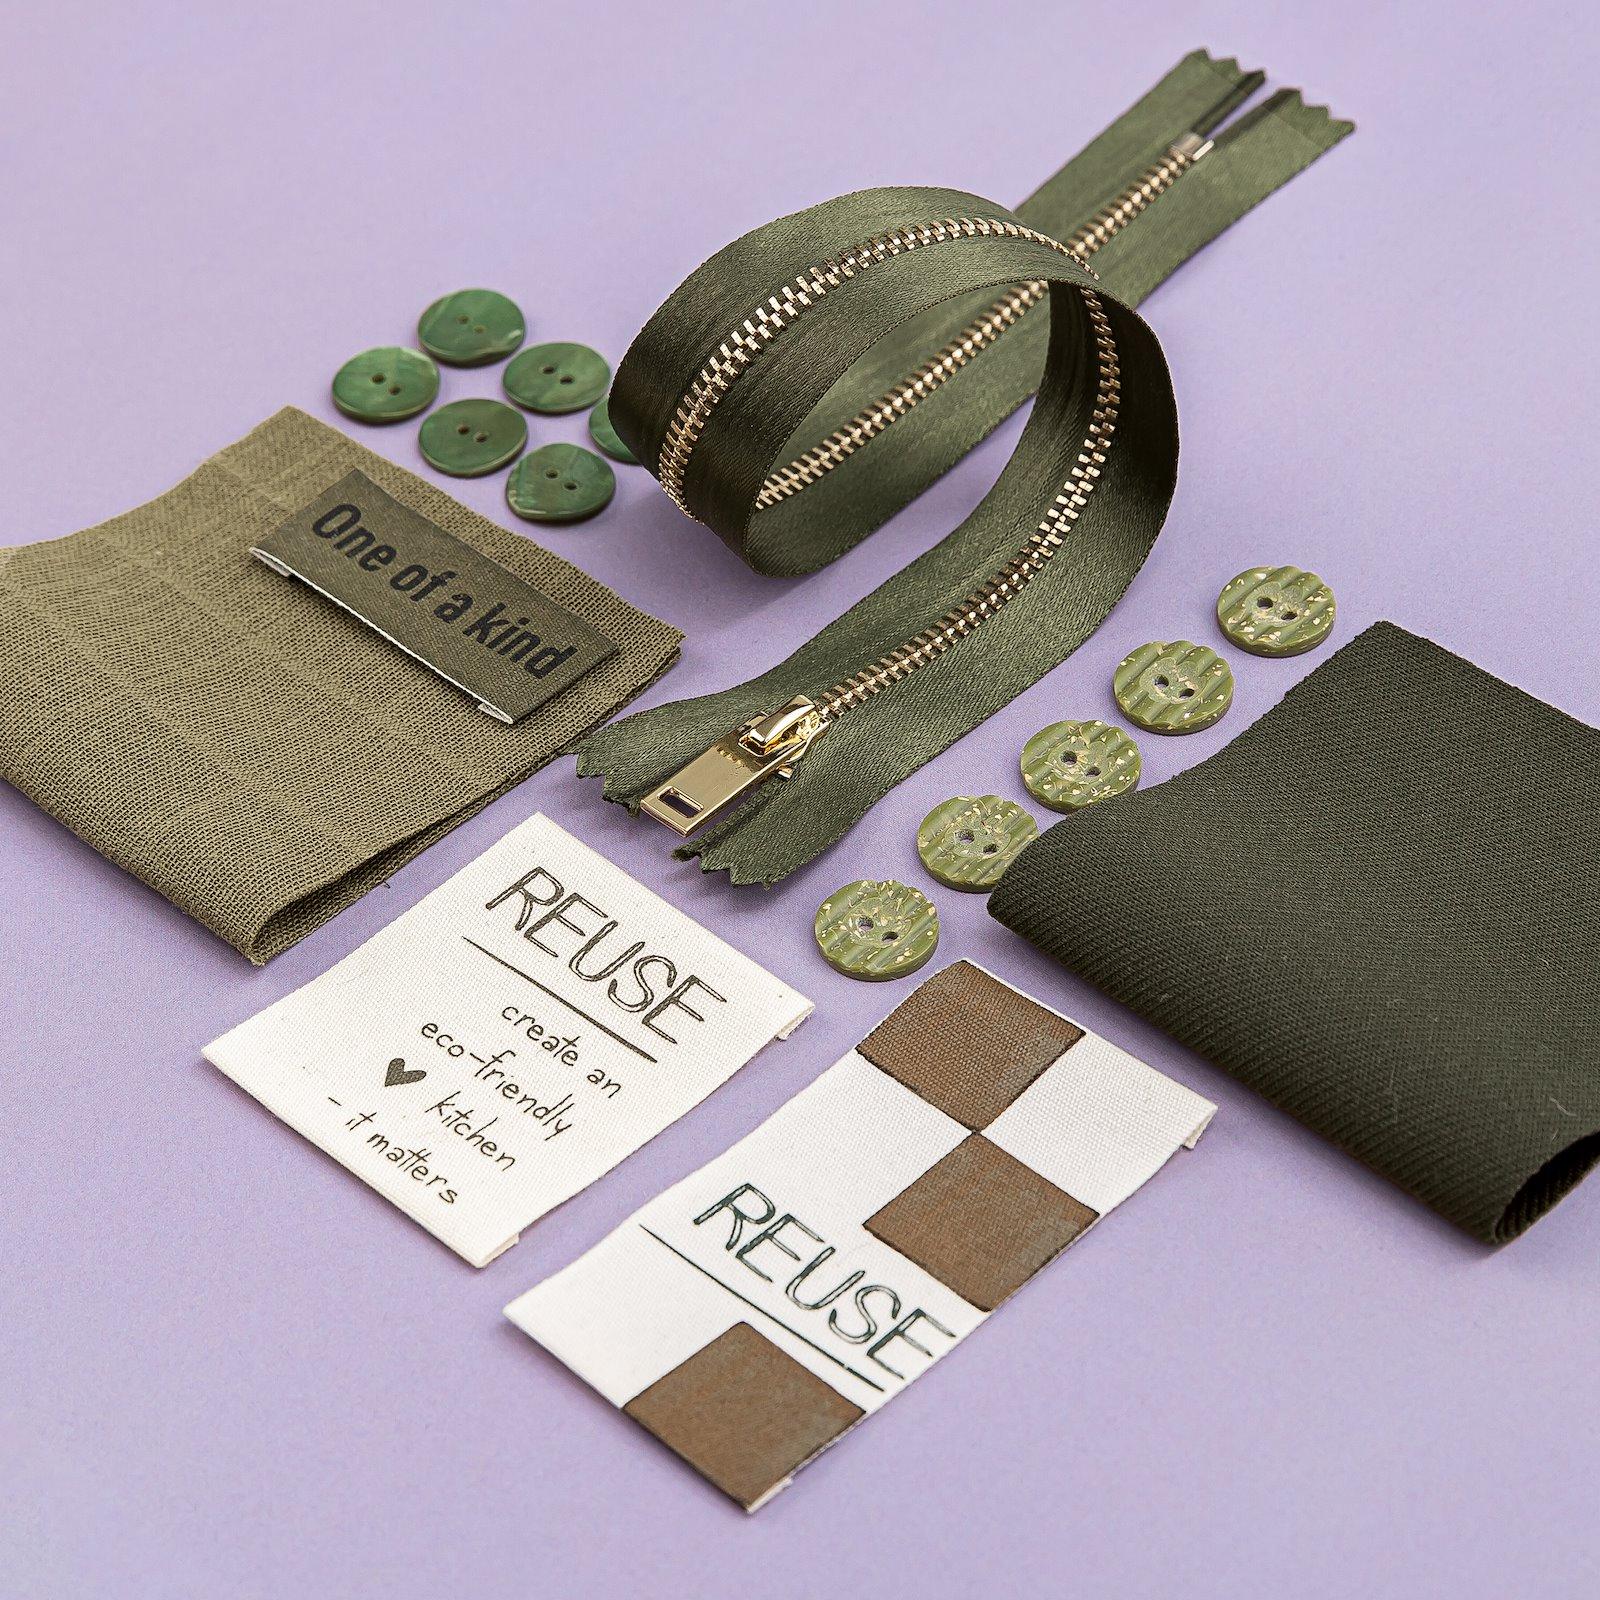 Organic patch kit REUSE/YES brown 2pcs 33539_24873_501893_24846_24847_z58627_3315_206144_bundle